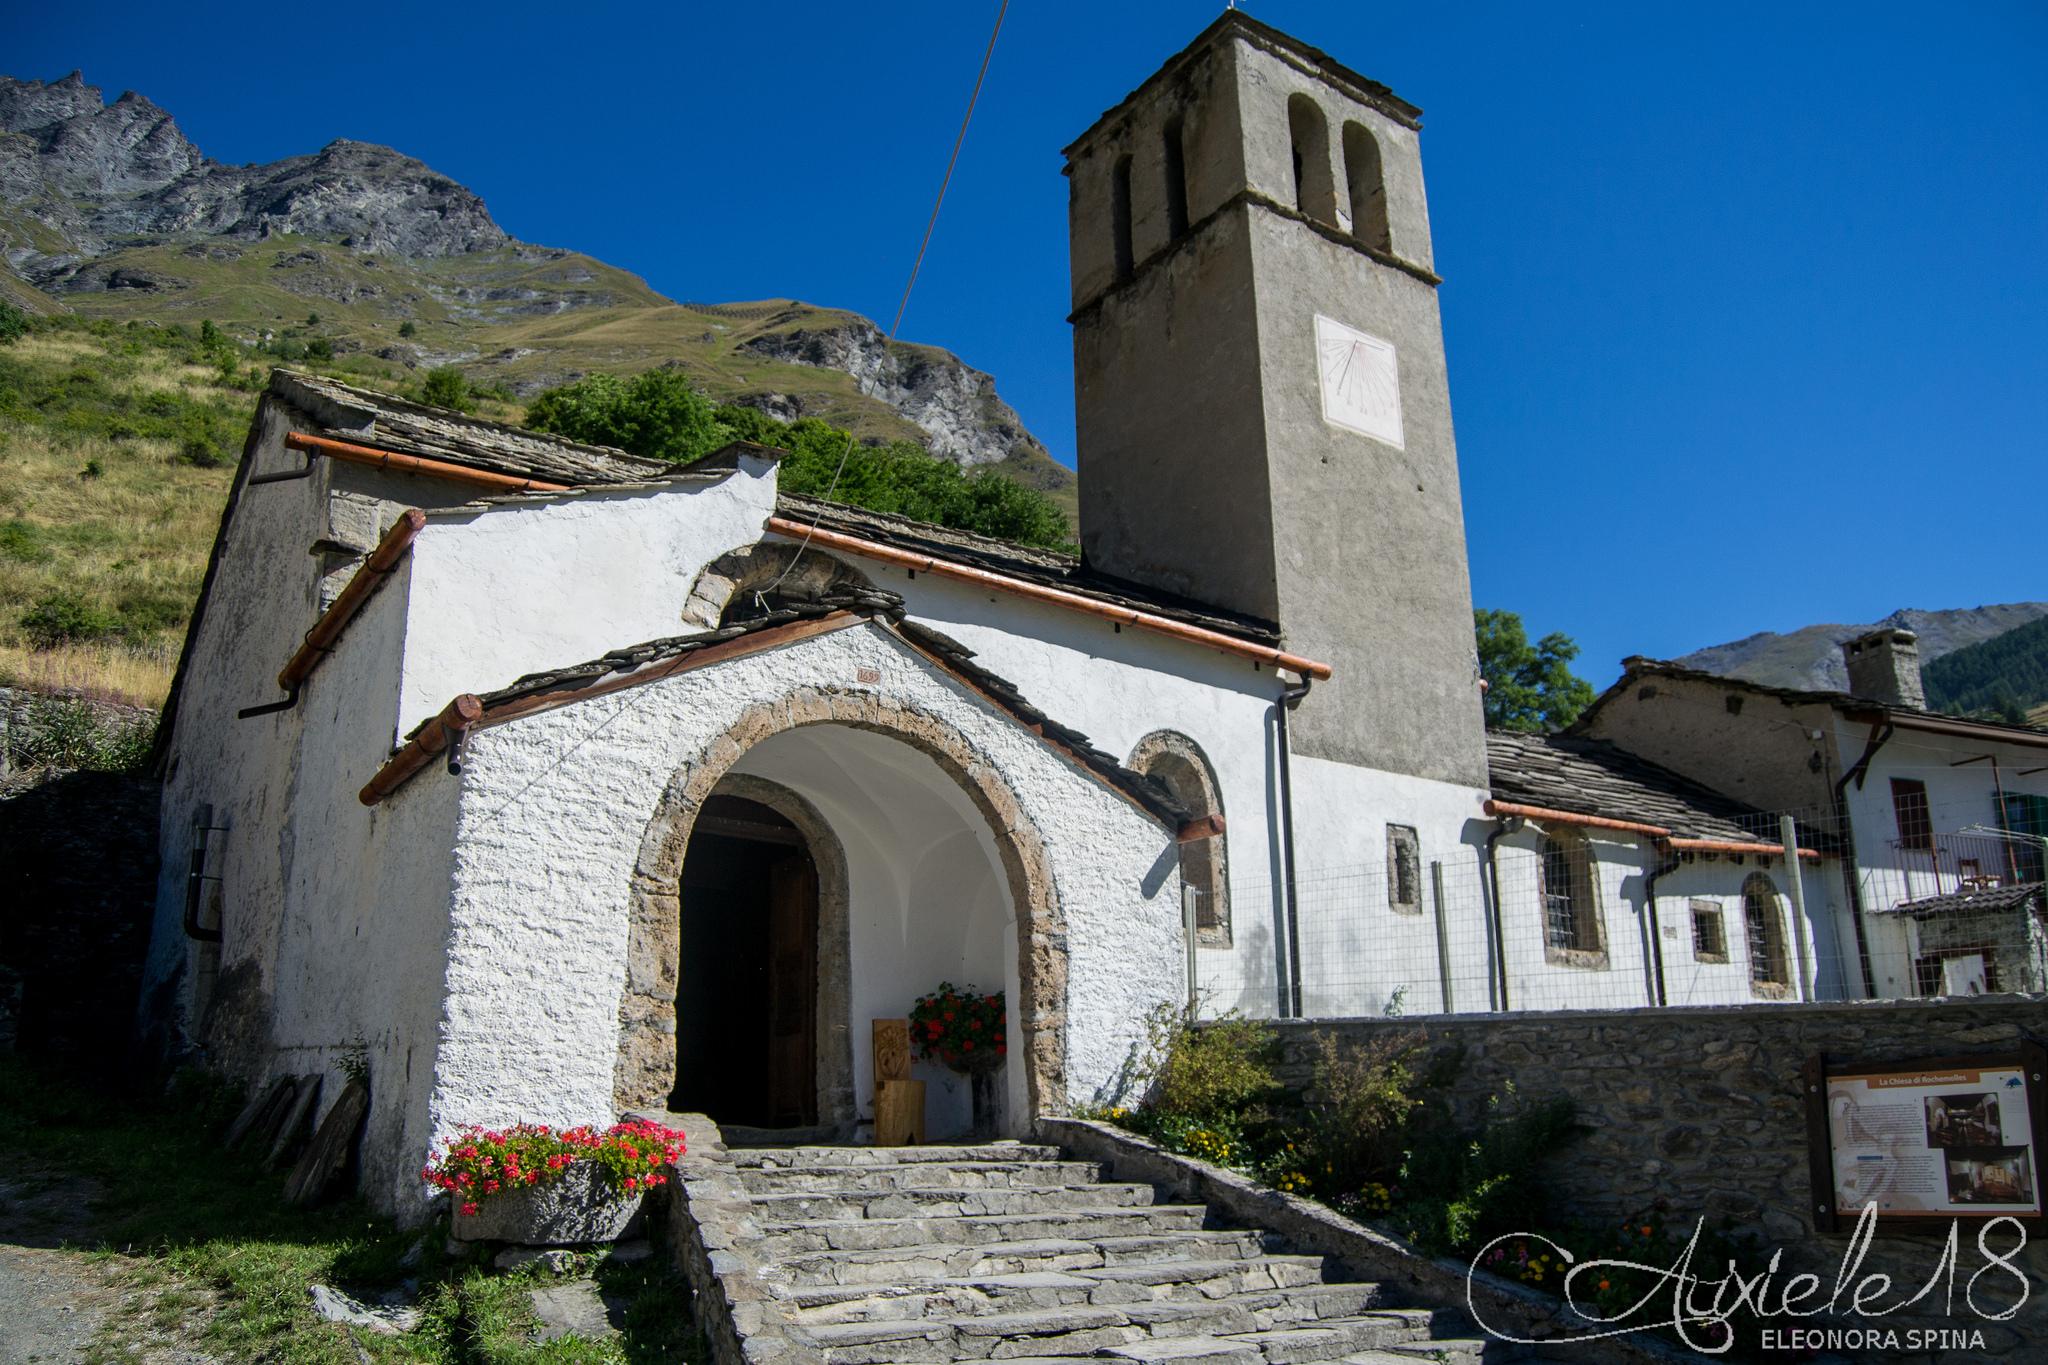 Esterno della chiesa di Rochemolles